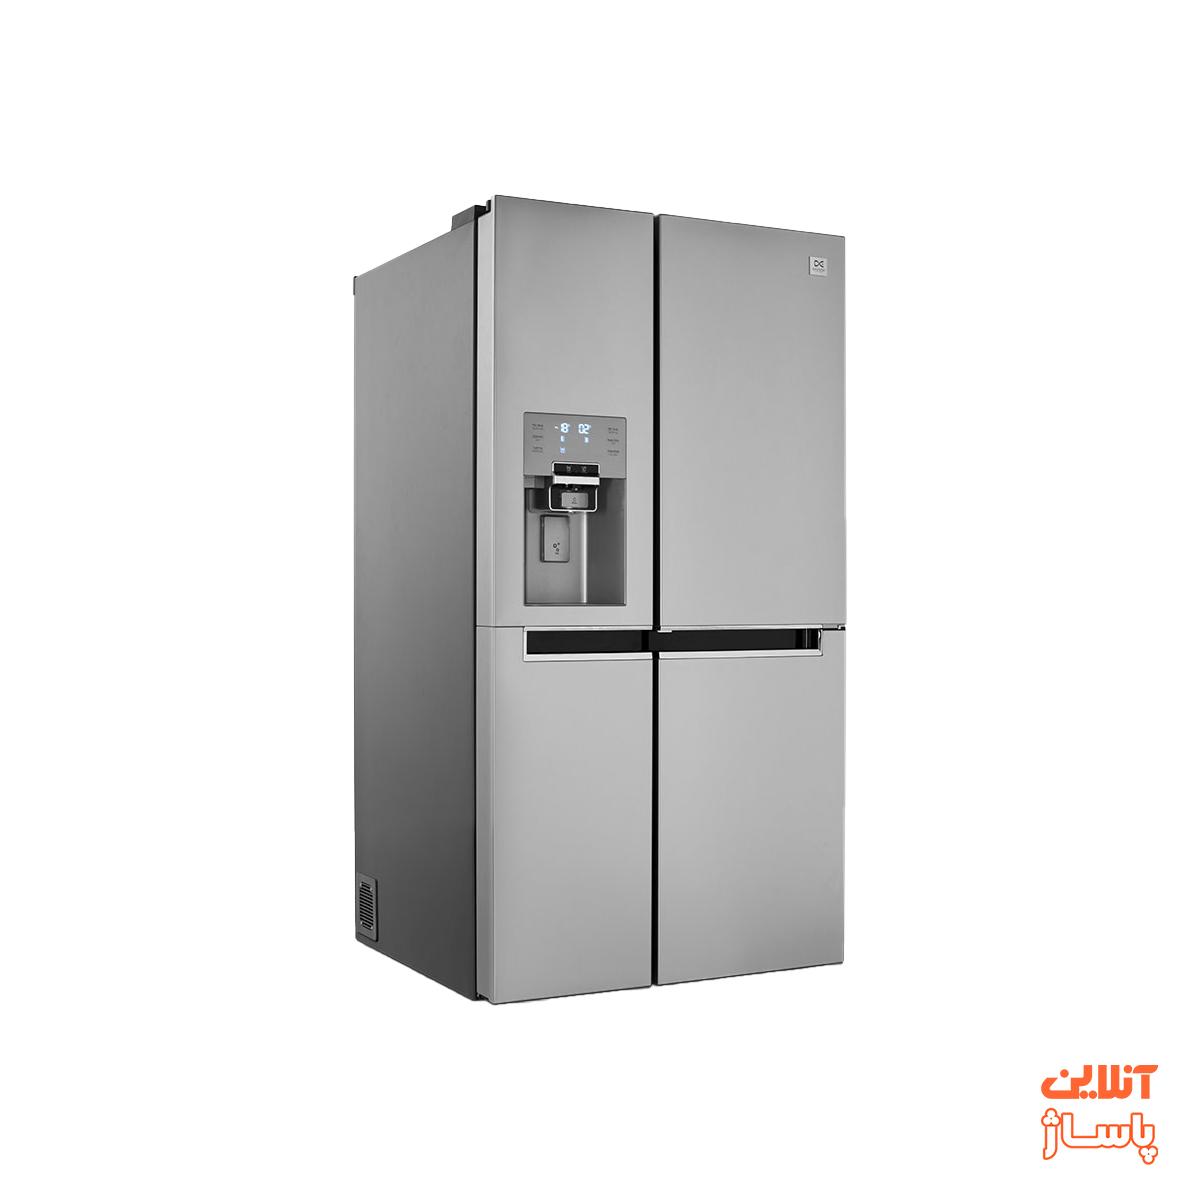 یخچال و فریزر ساید بای ساید دوو سری پرایم مدل D4S-0036SS سه درب